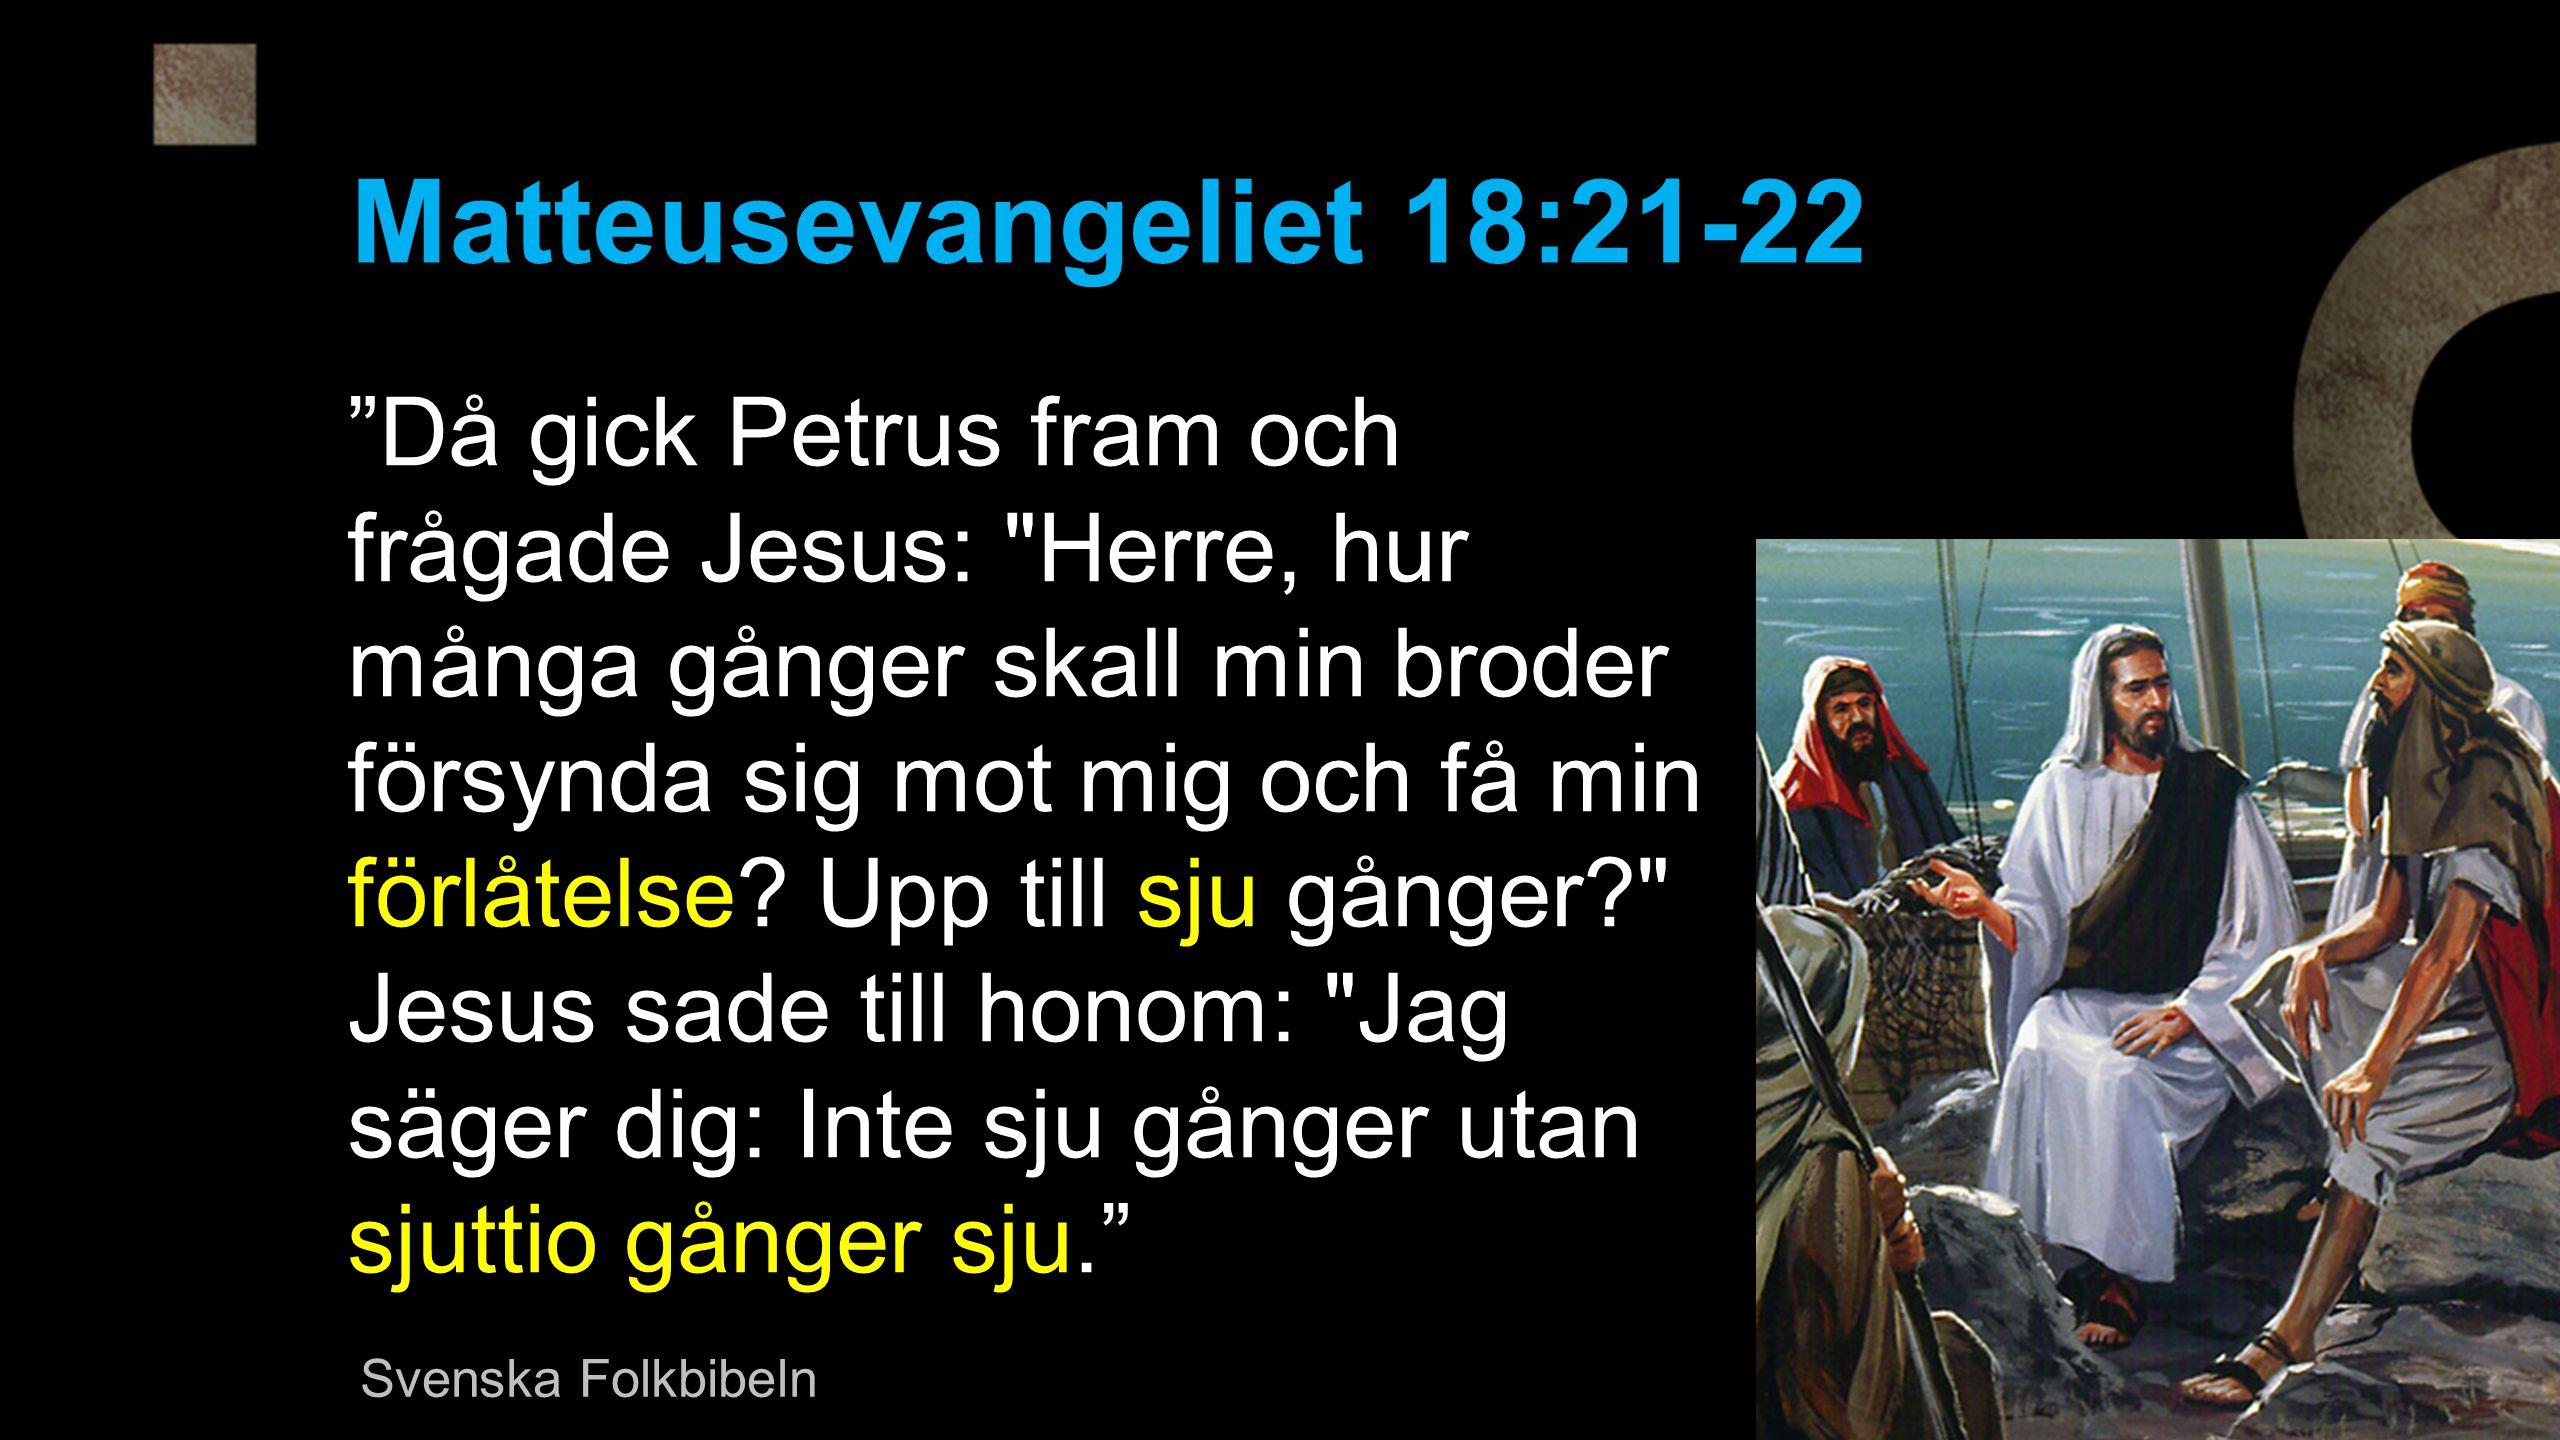 Matteusevangeliet 18:21-22